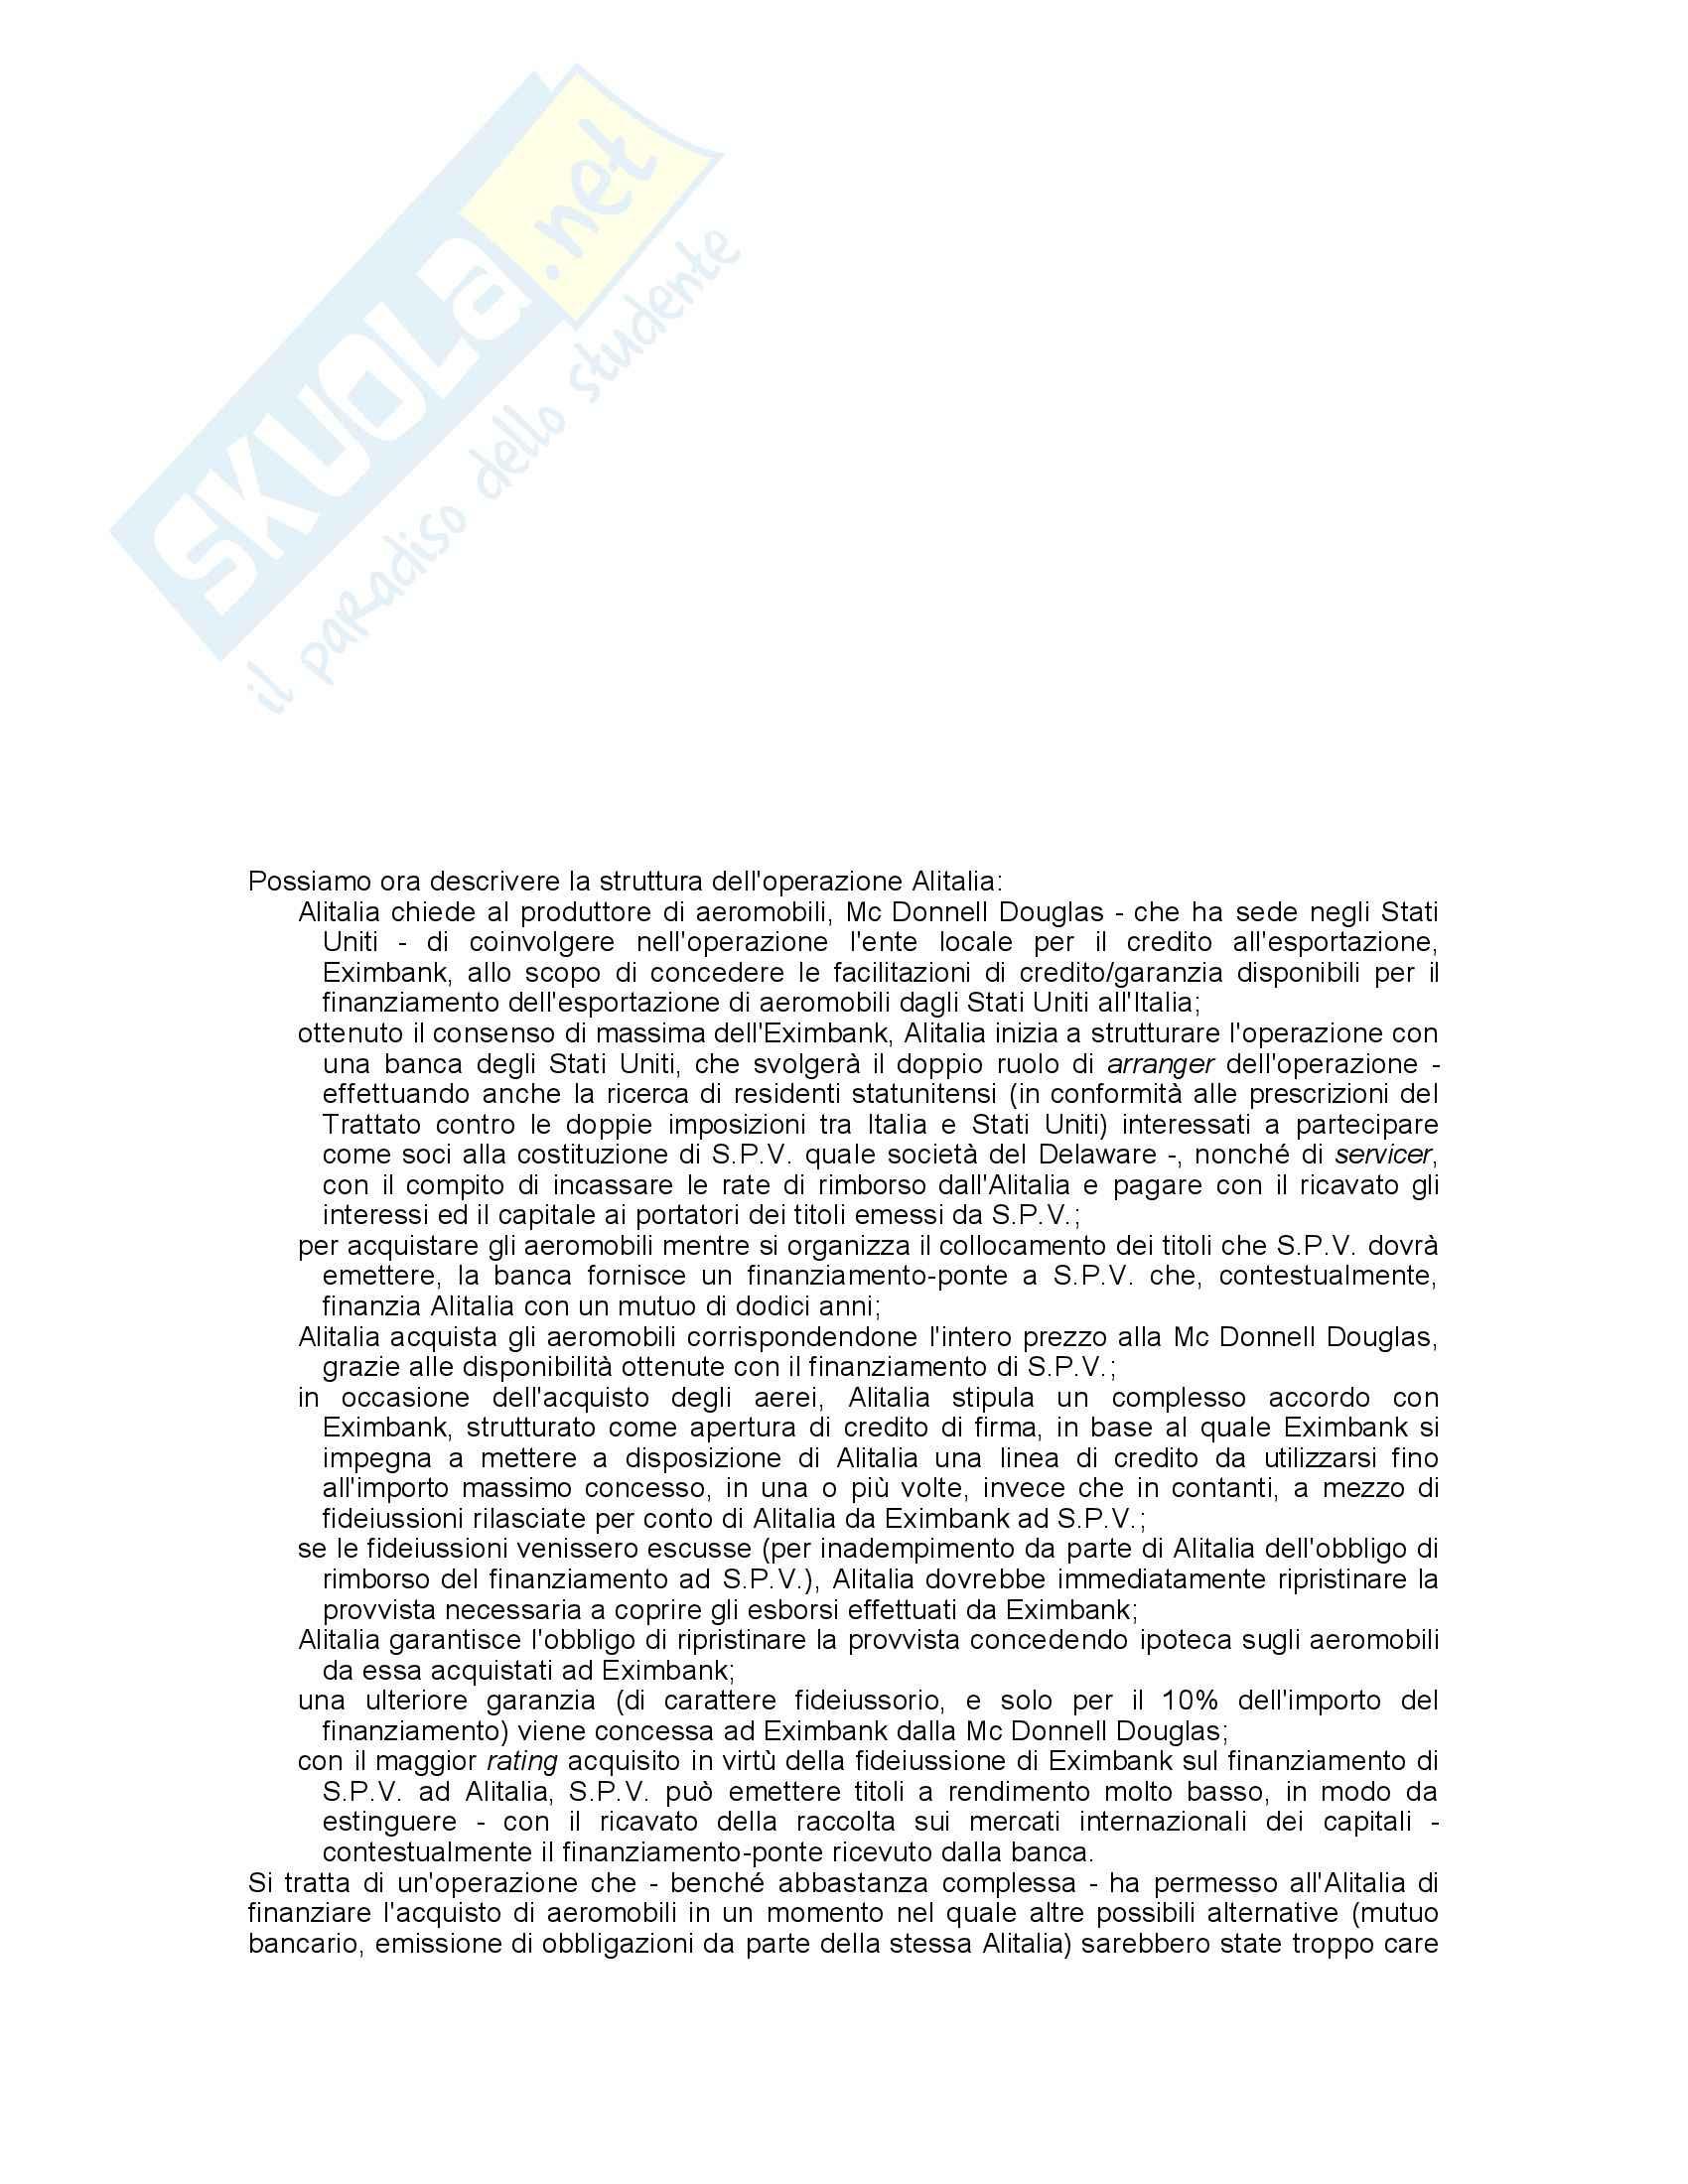 Banca Mondiale e Fondo Monetario Internazionale Pag. 31